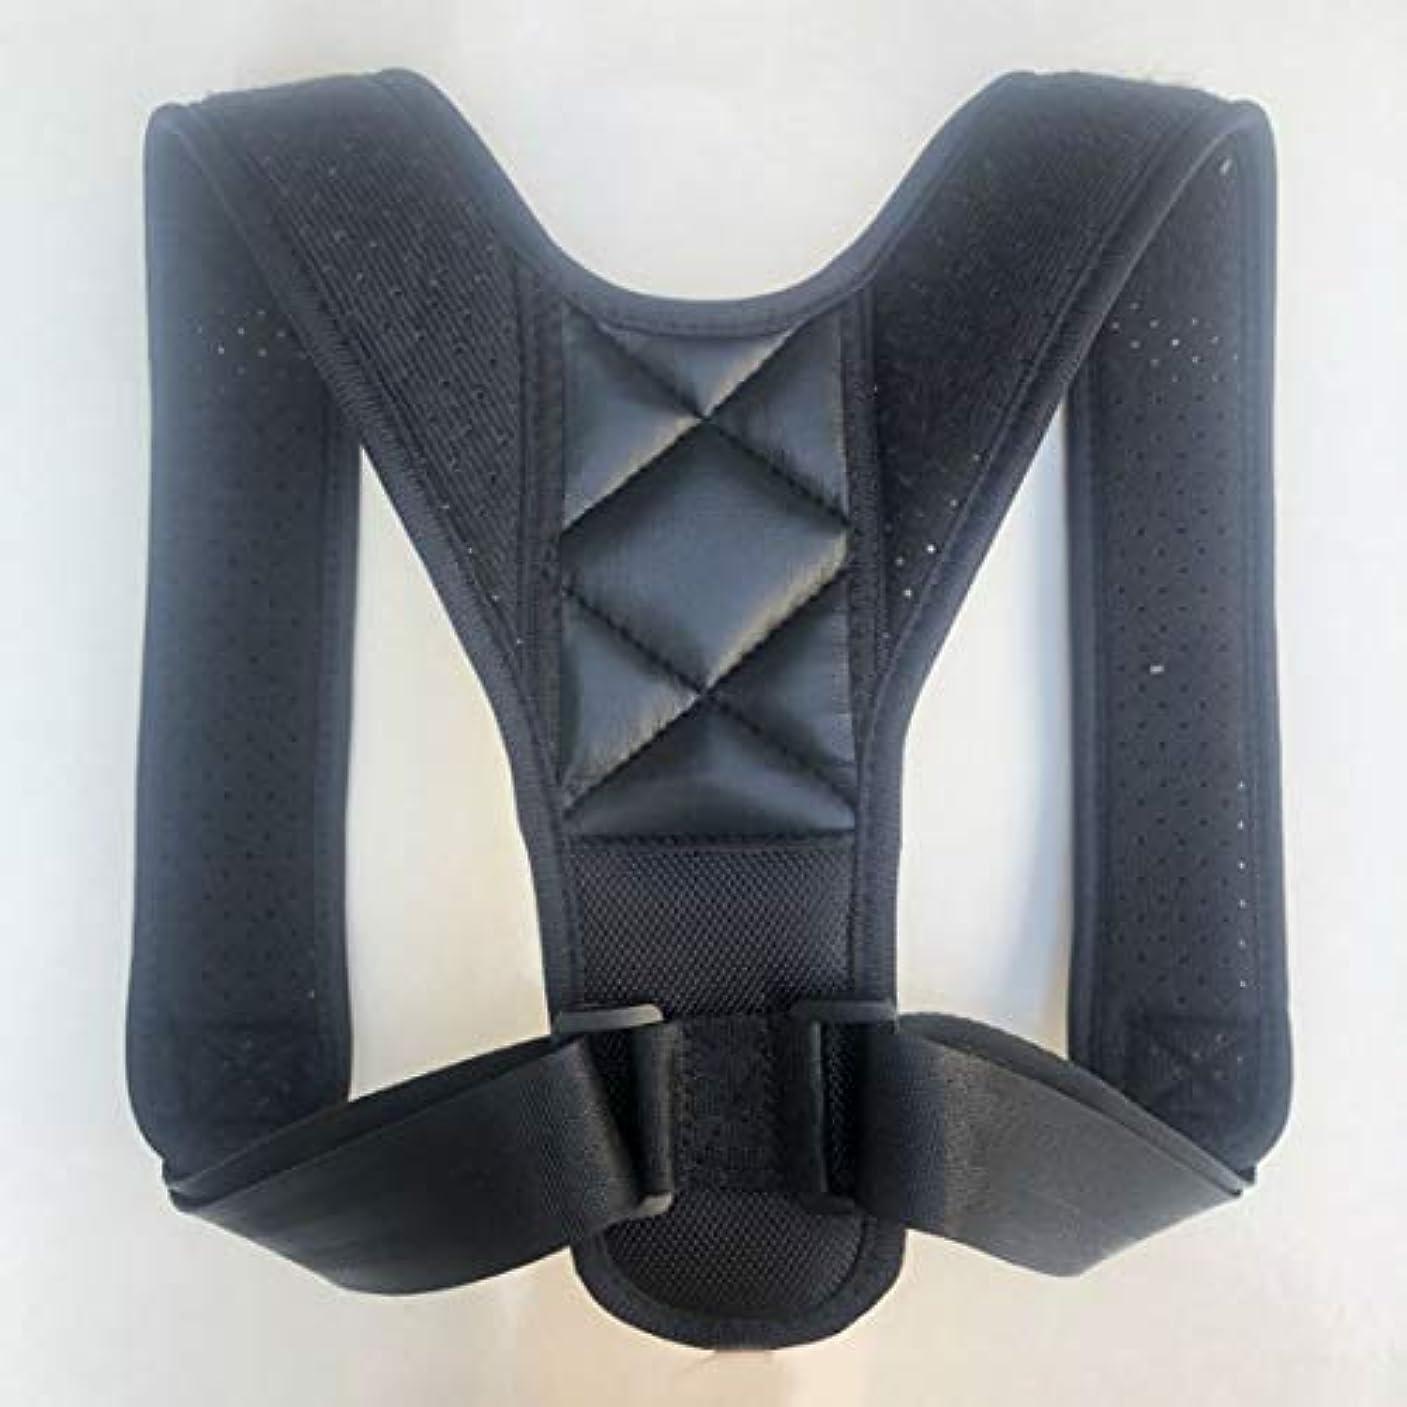 ウナギタイプ真空アッパーバックポスチャーコレクター姿勢鎖骨サポートコレクターバックストレートショルダーブレースストラップコレクター - ブラック